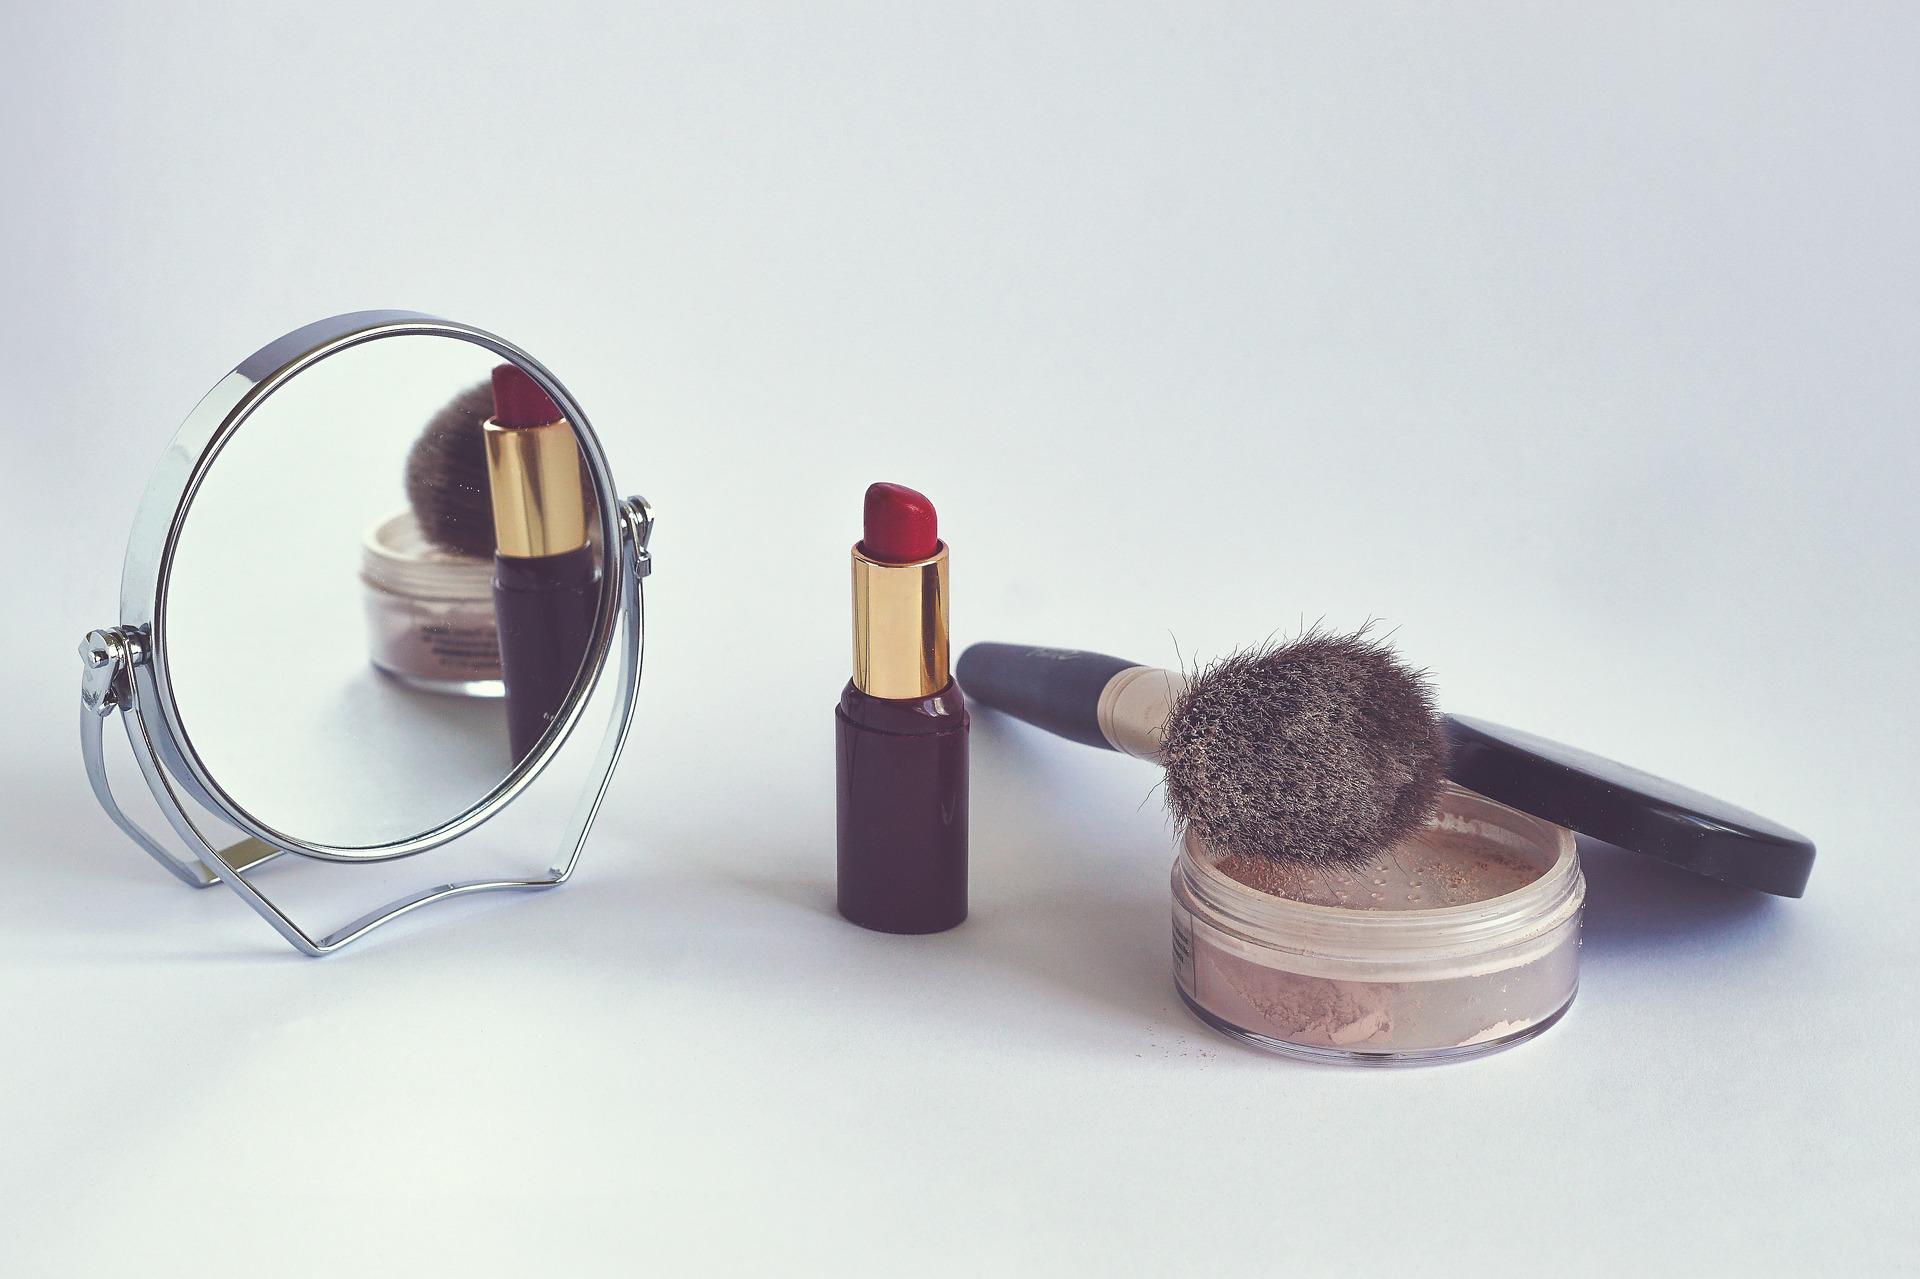 Cosmetrics